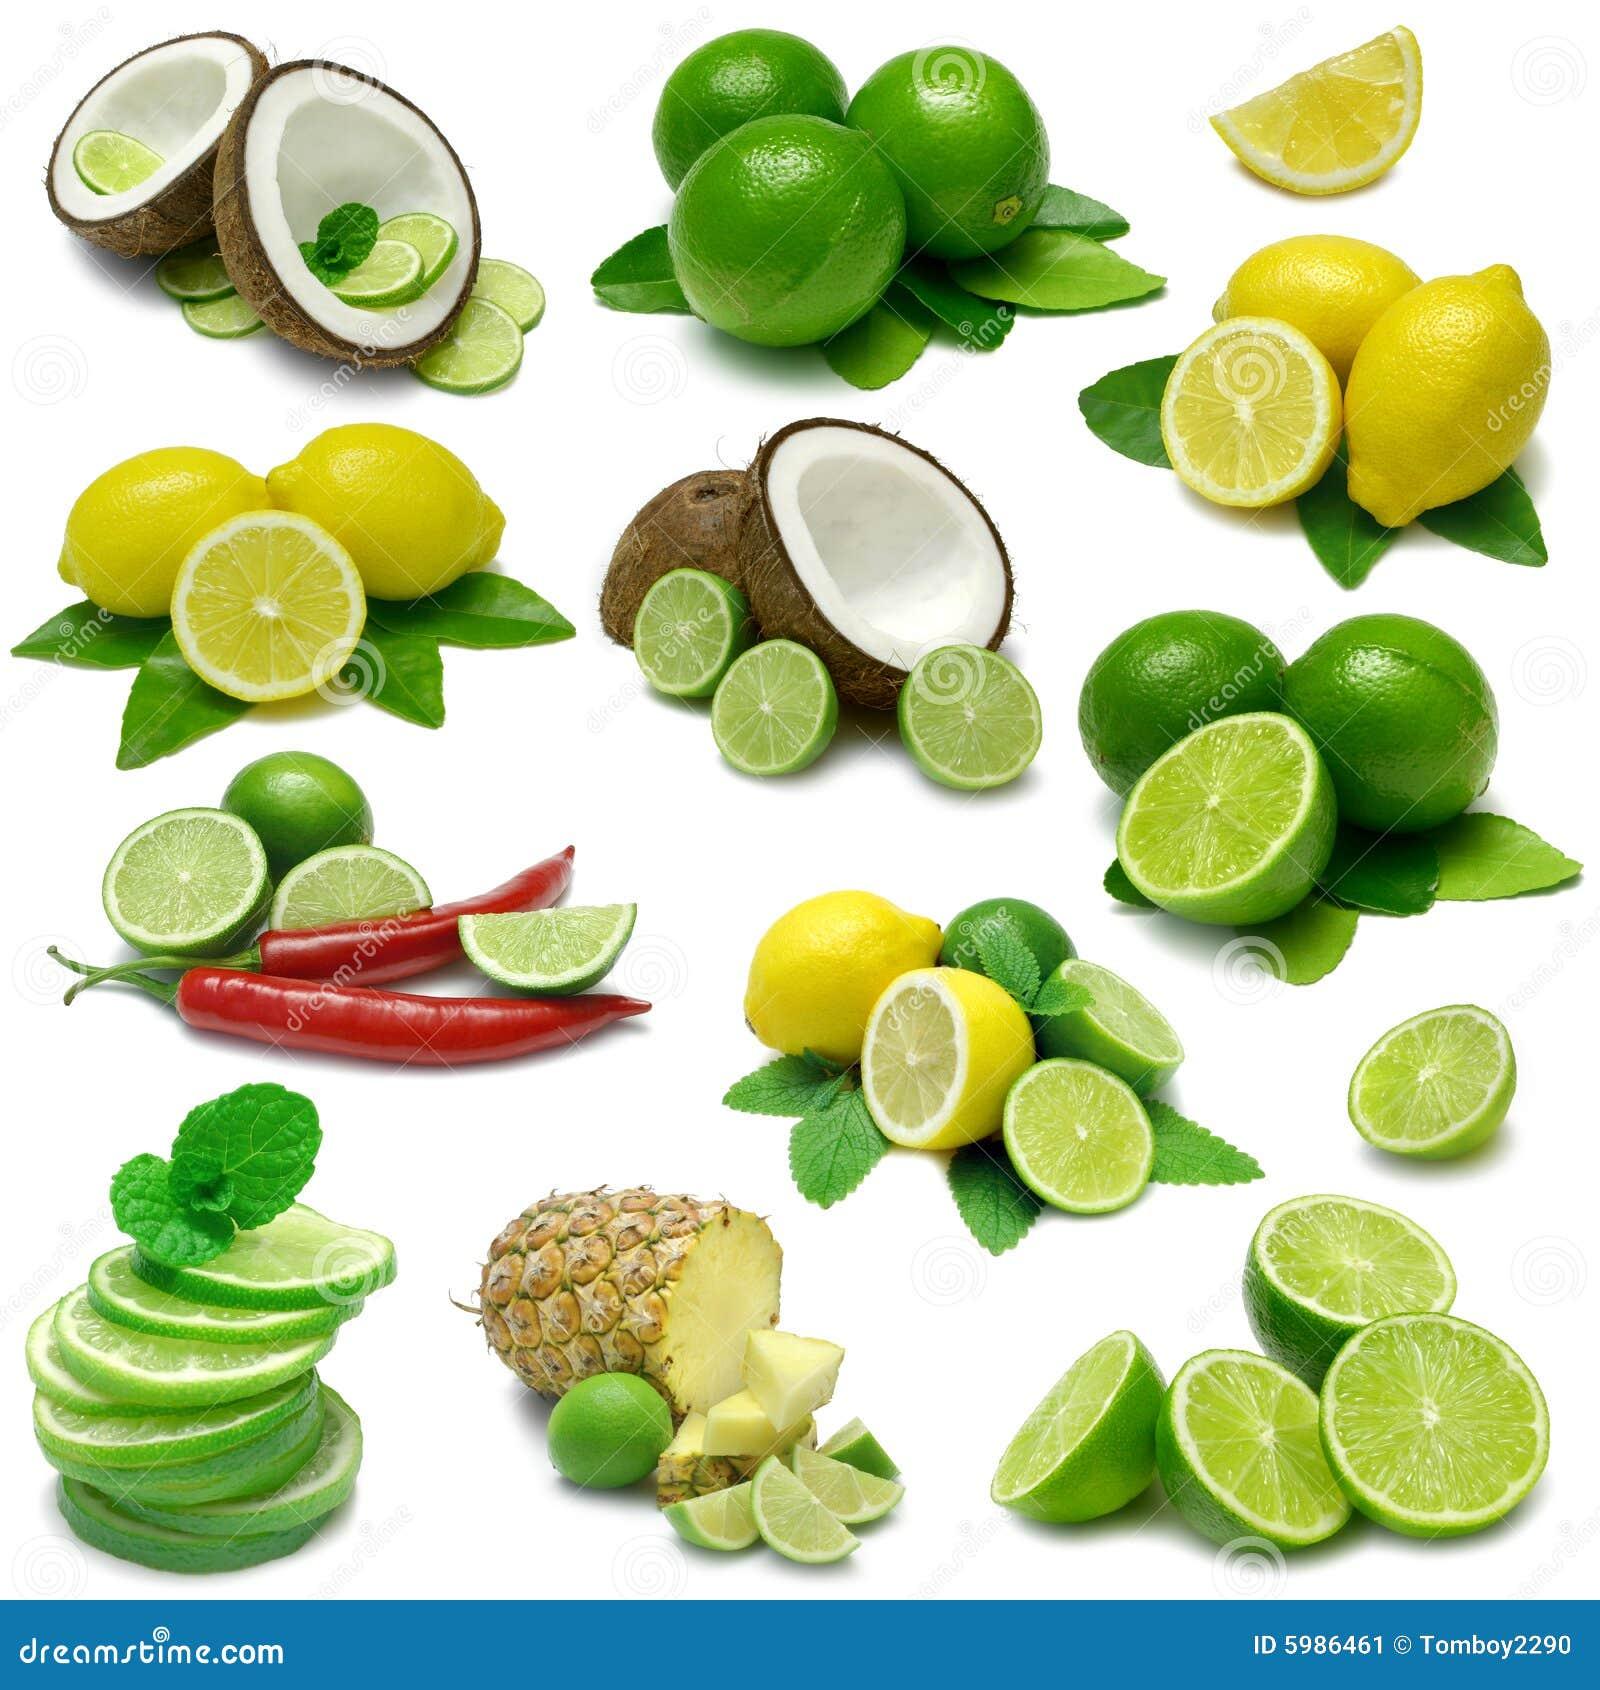 Lemon and Lime Combos